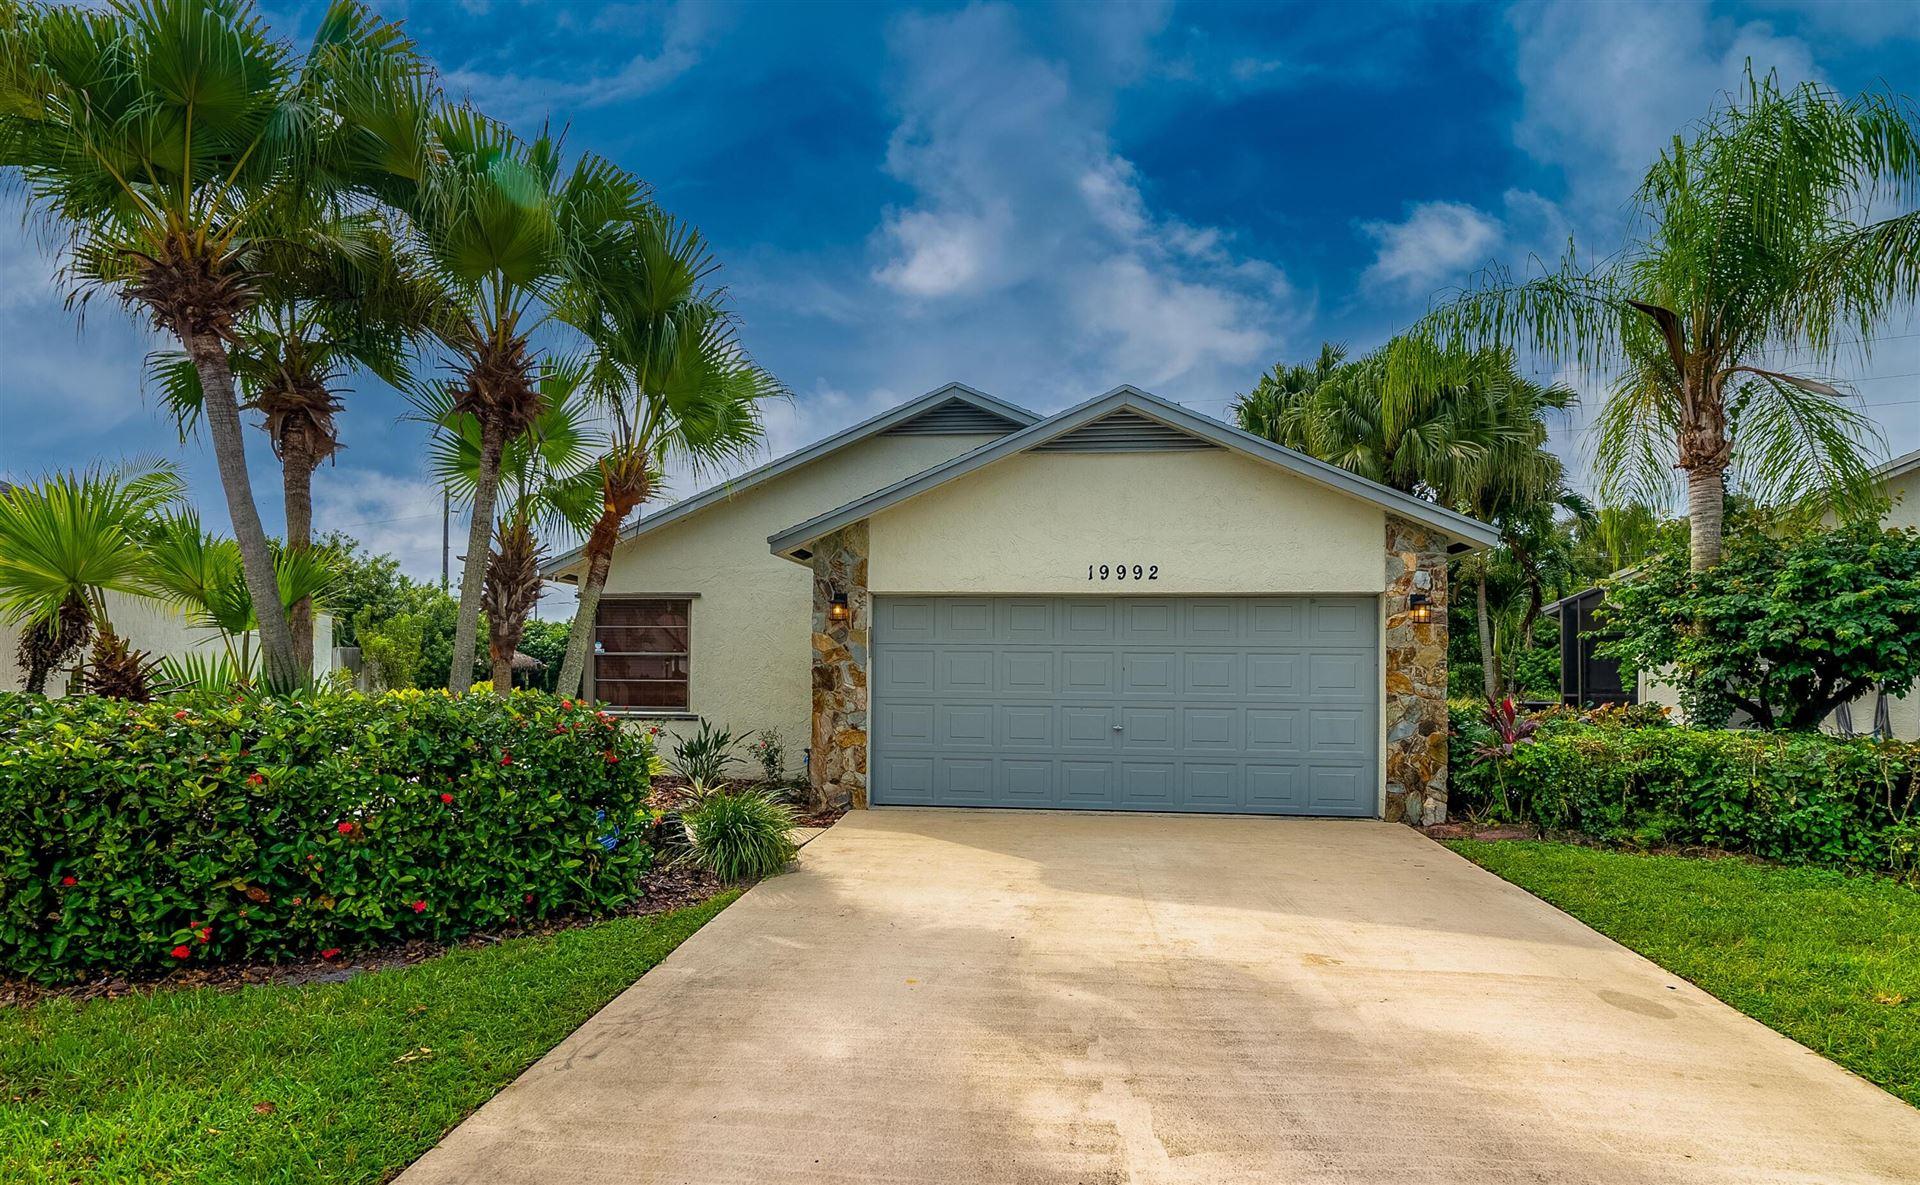 19992 Villa Medici Place, Boca Raton, FL 33434 - #: RX-10749867